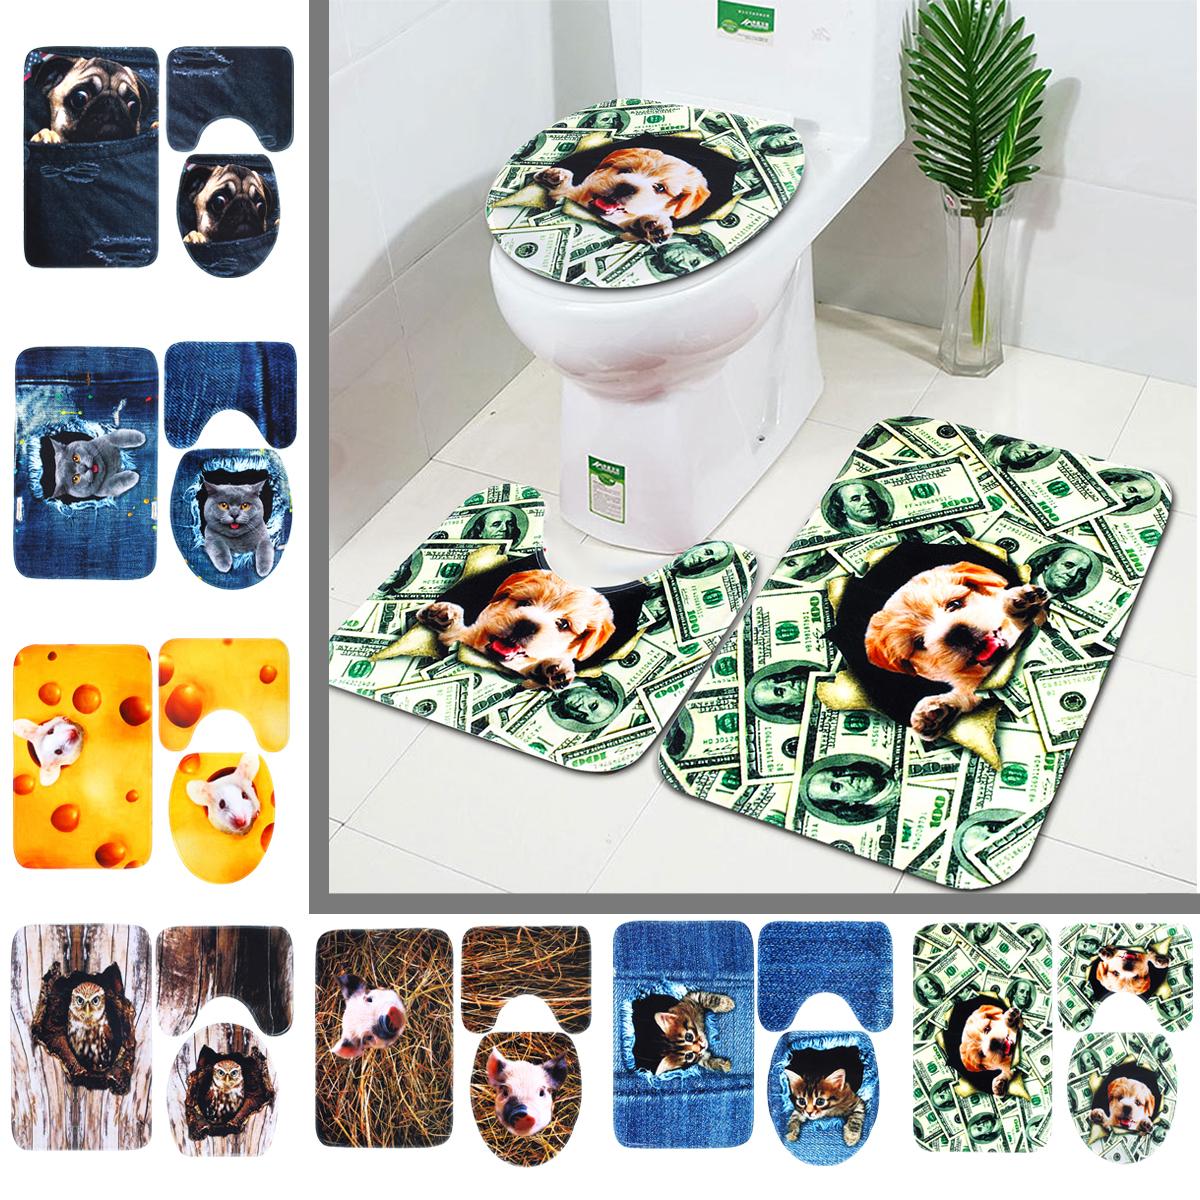 Нескользящий Ванная комната моющийся ковер животных Ванная комната коврик для унитаза